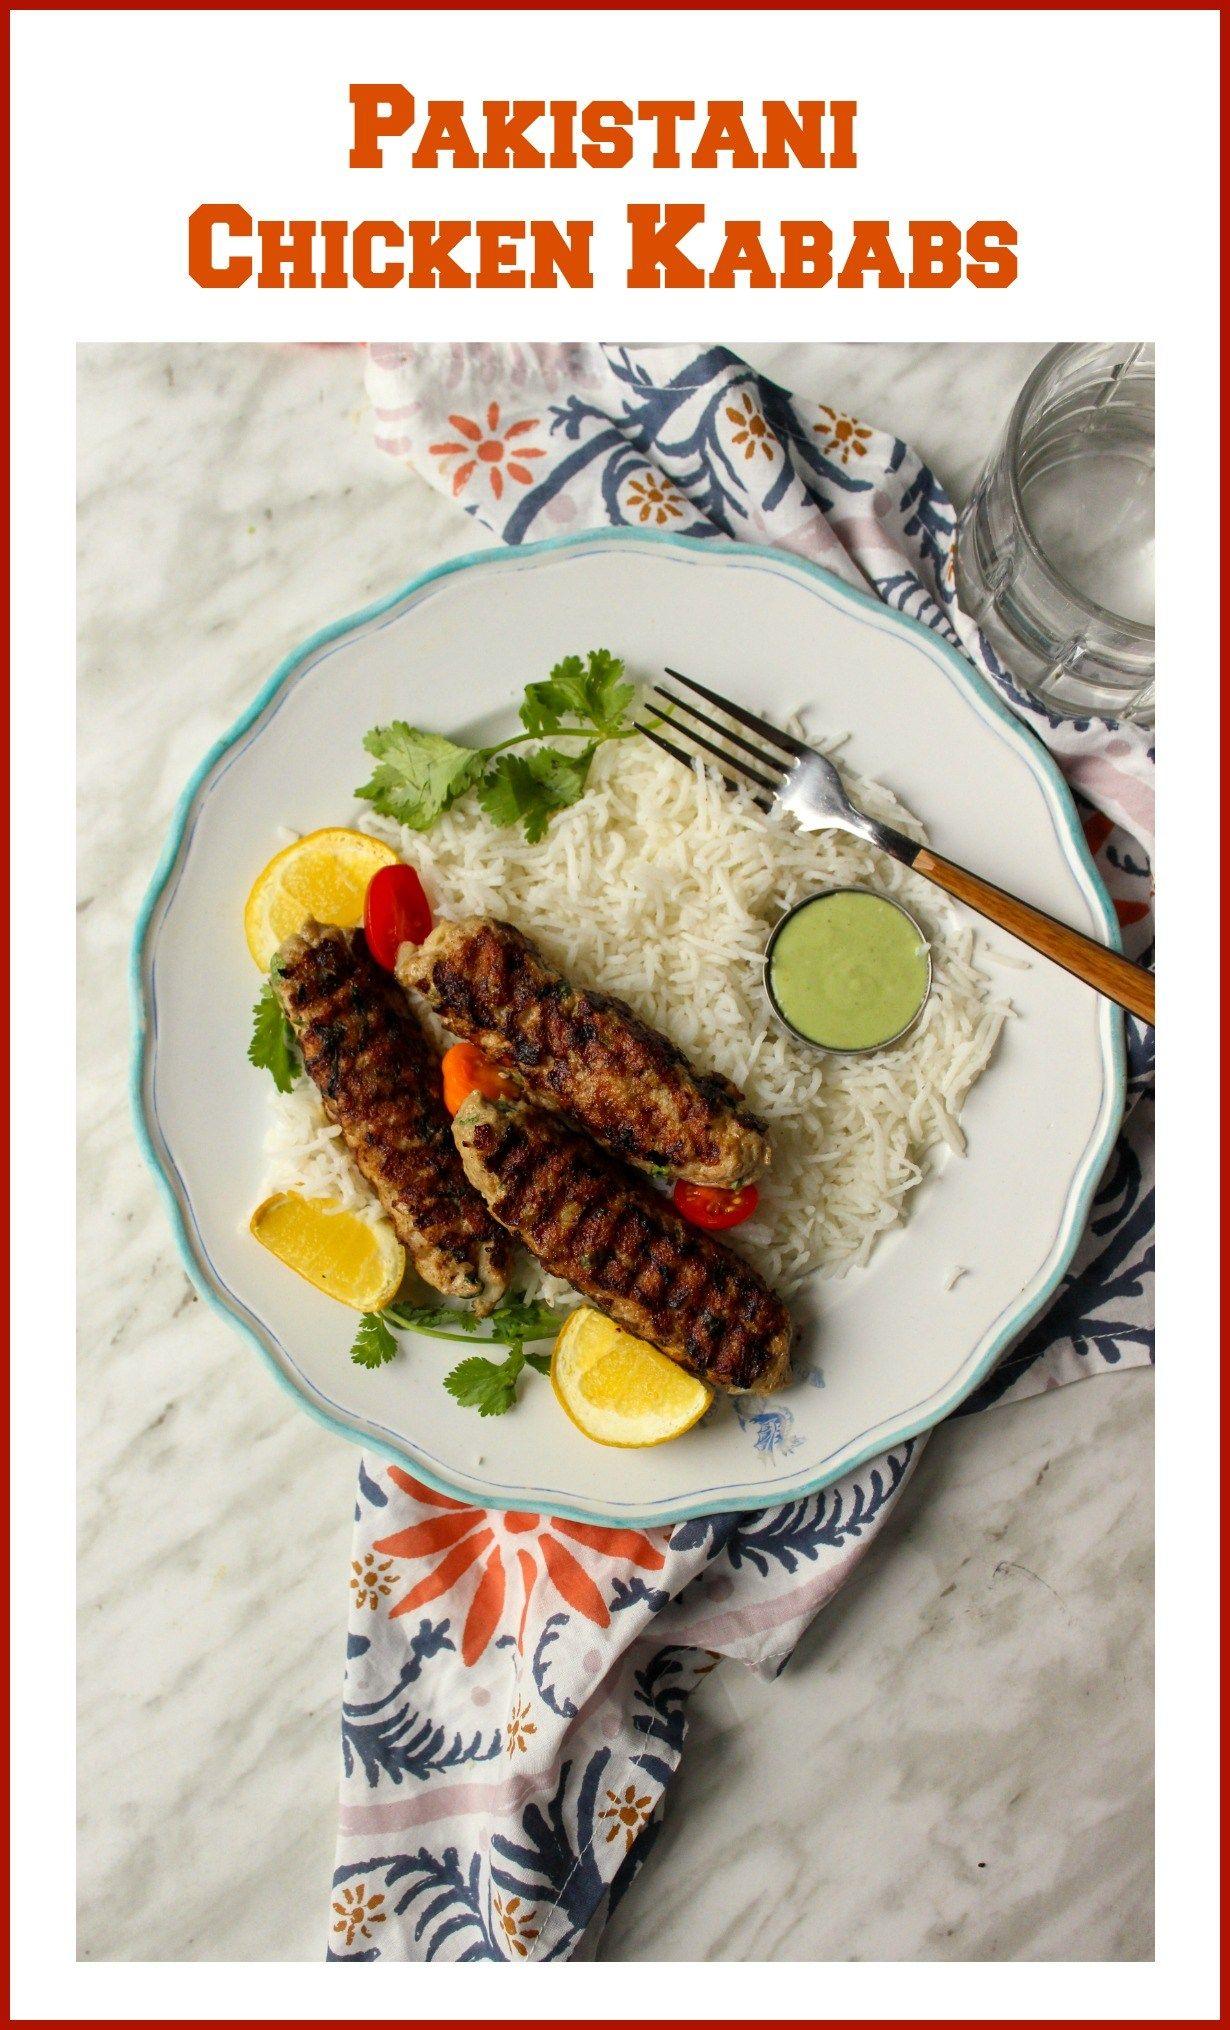 Pakistani Chicken Kababs Pan Fried Recipe Indian Food Recipes Pakistani Food Food Inspiration